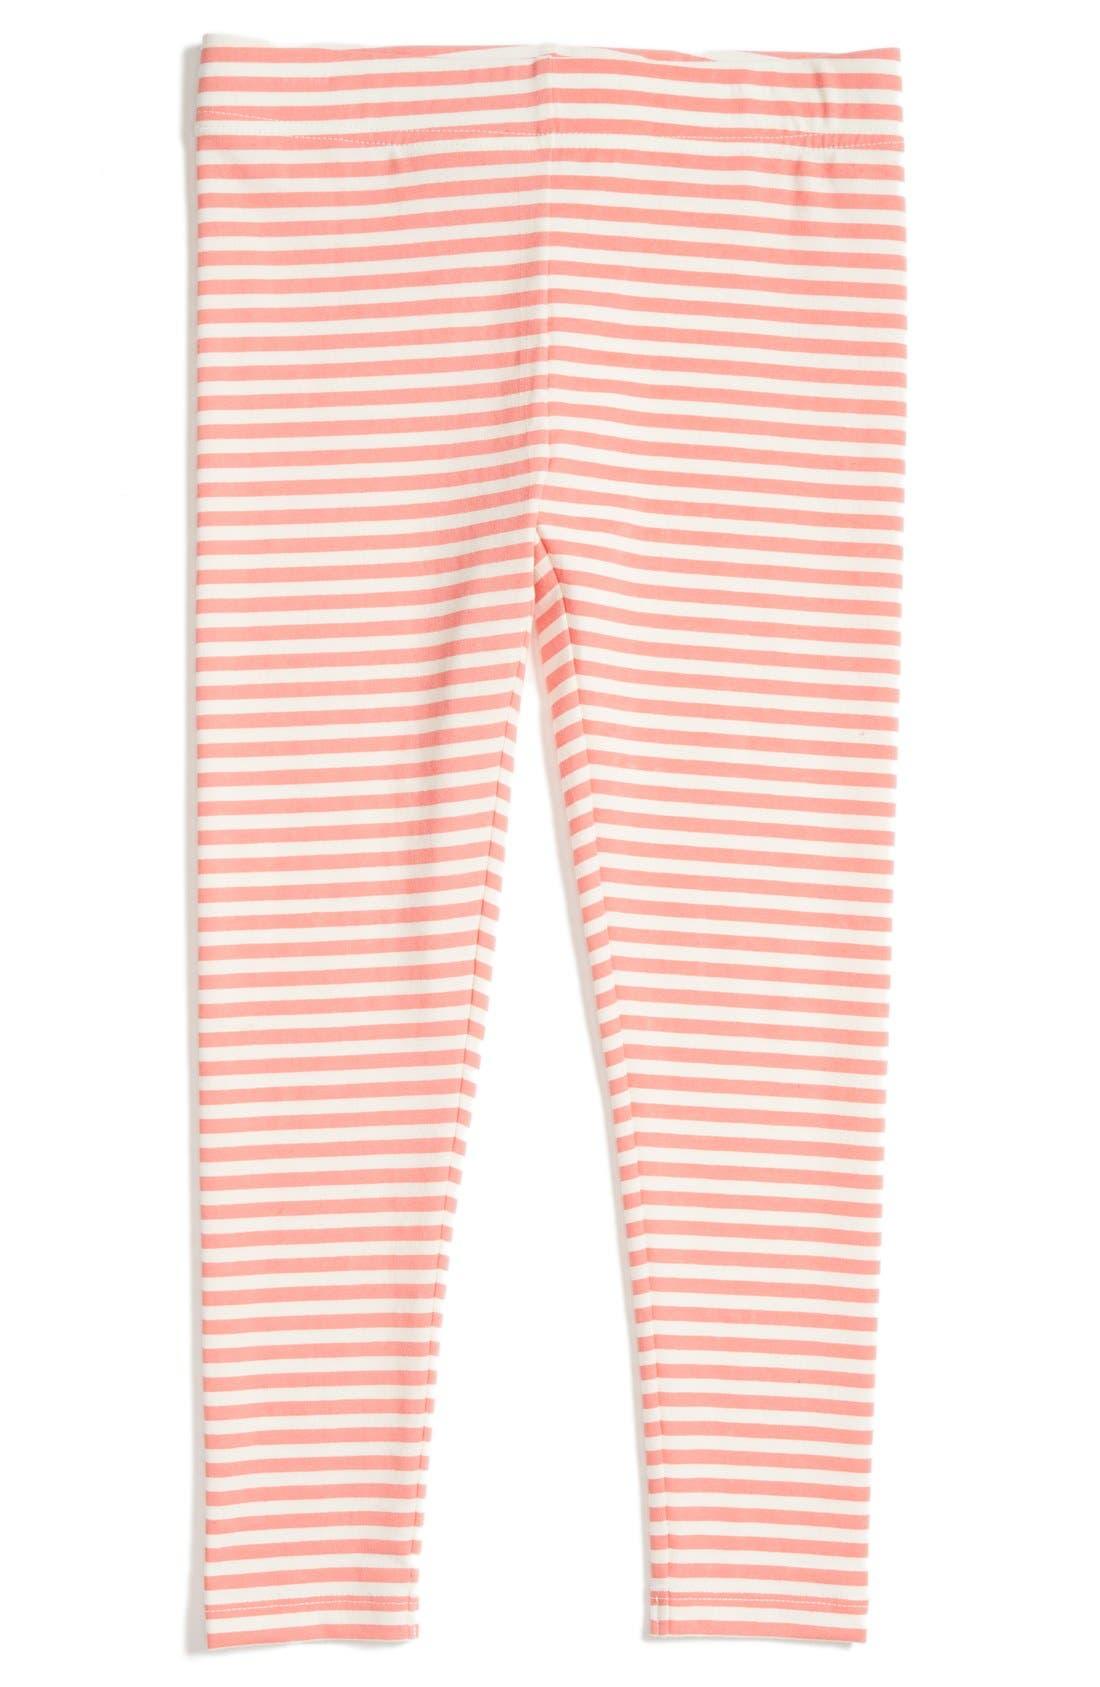 'Core' Striped Leggings,                         Main,                         color, Coral Peach- Ivory Stripe